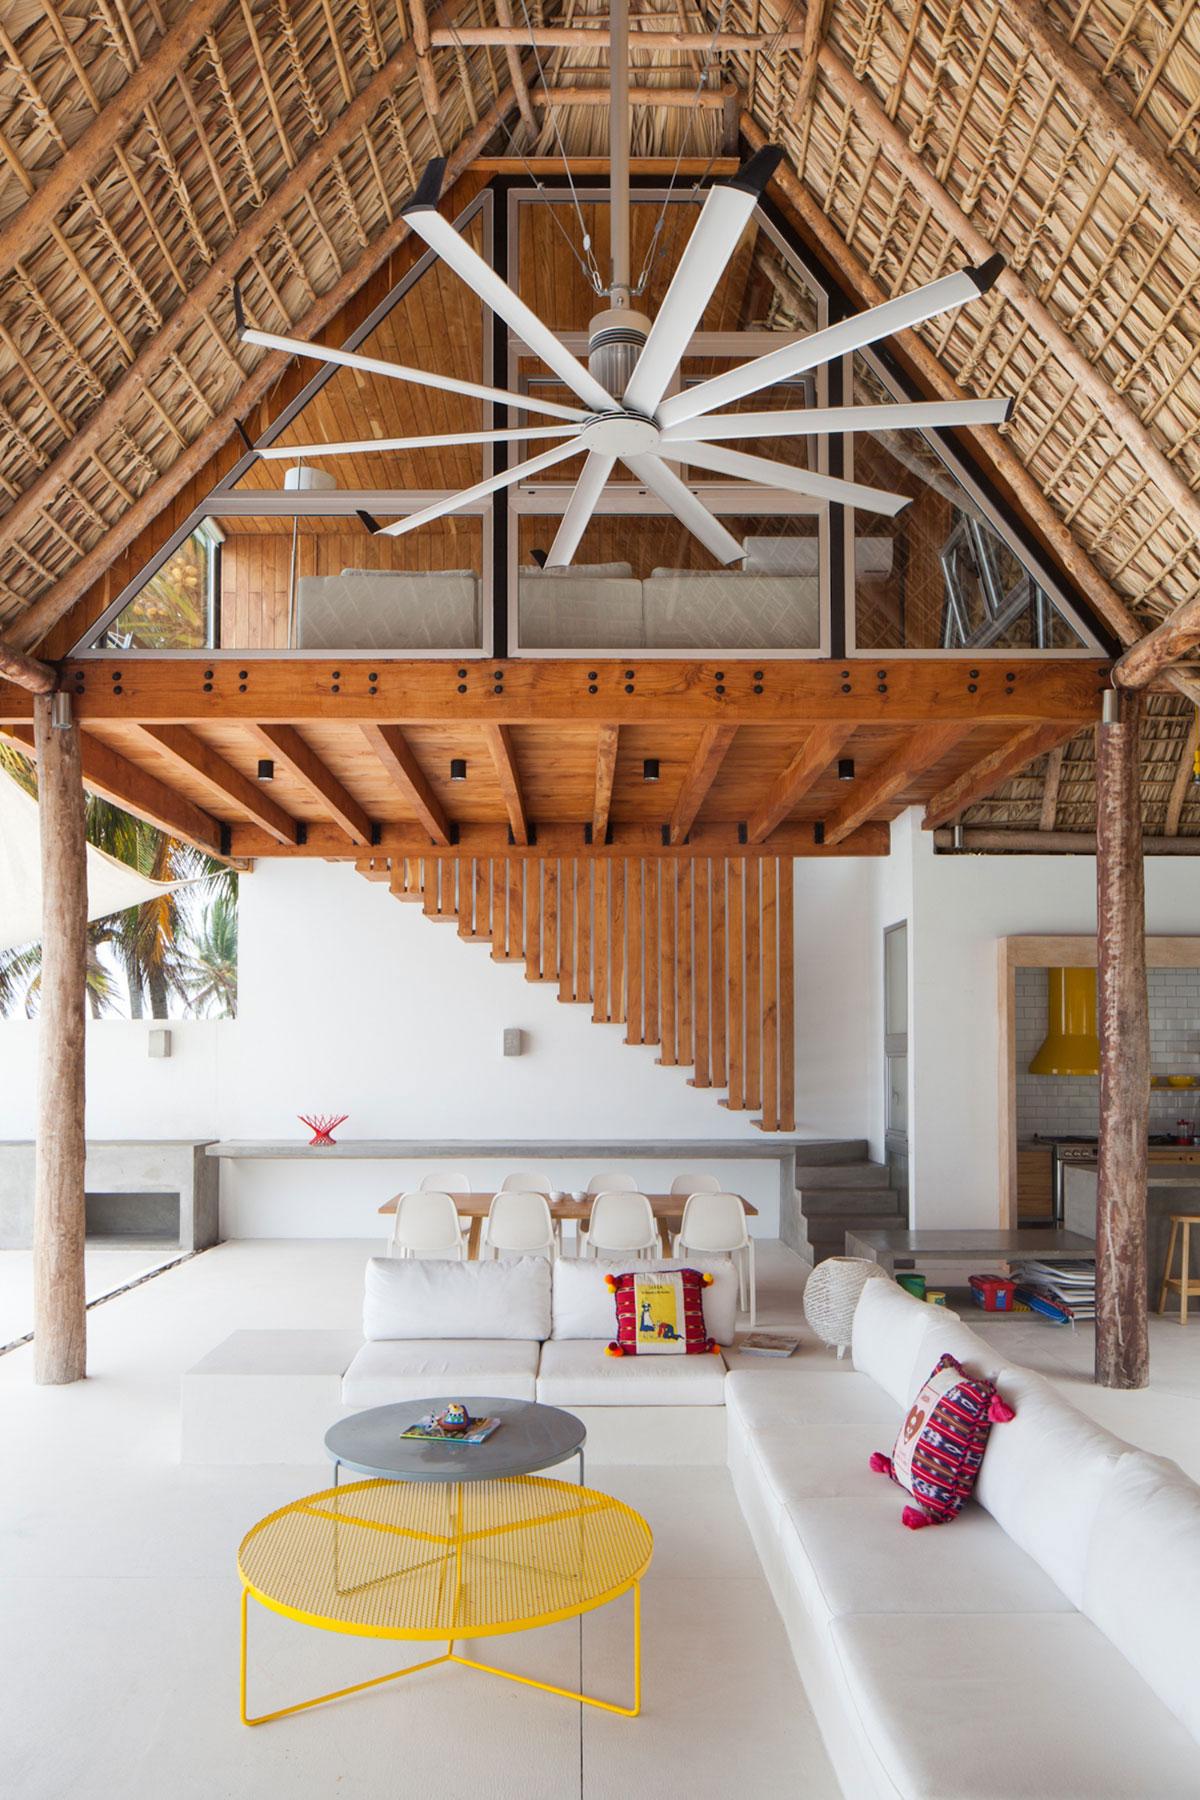 Sofas, Open Plan Living Space, Beach House in San Salvador, El Salvador